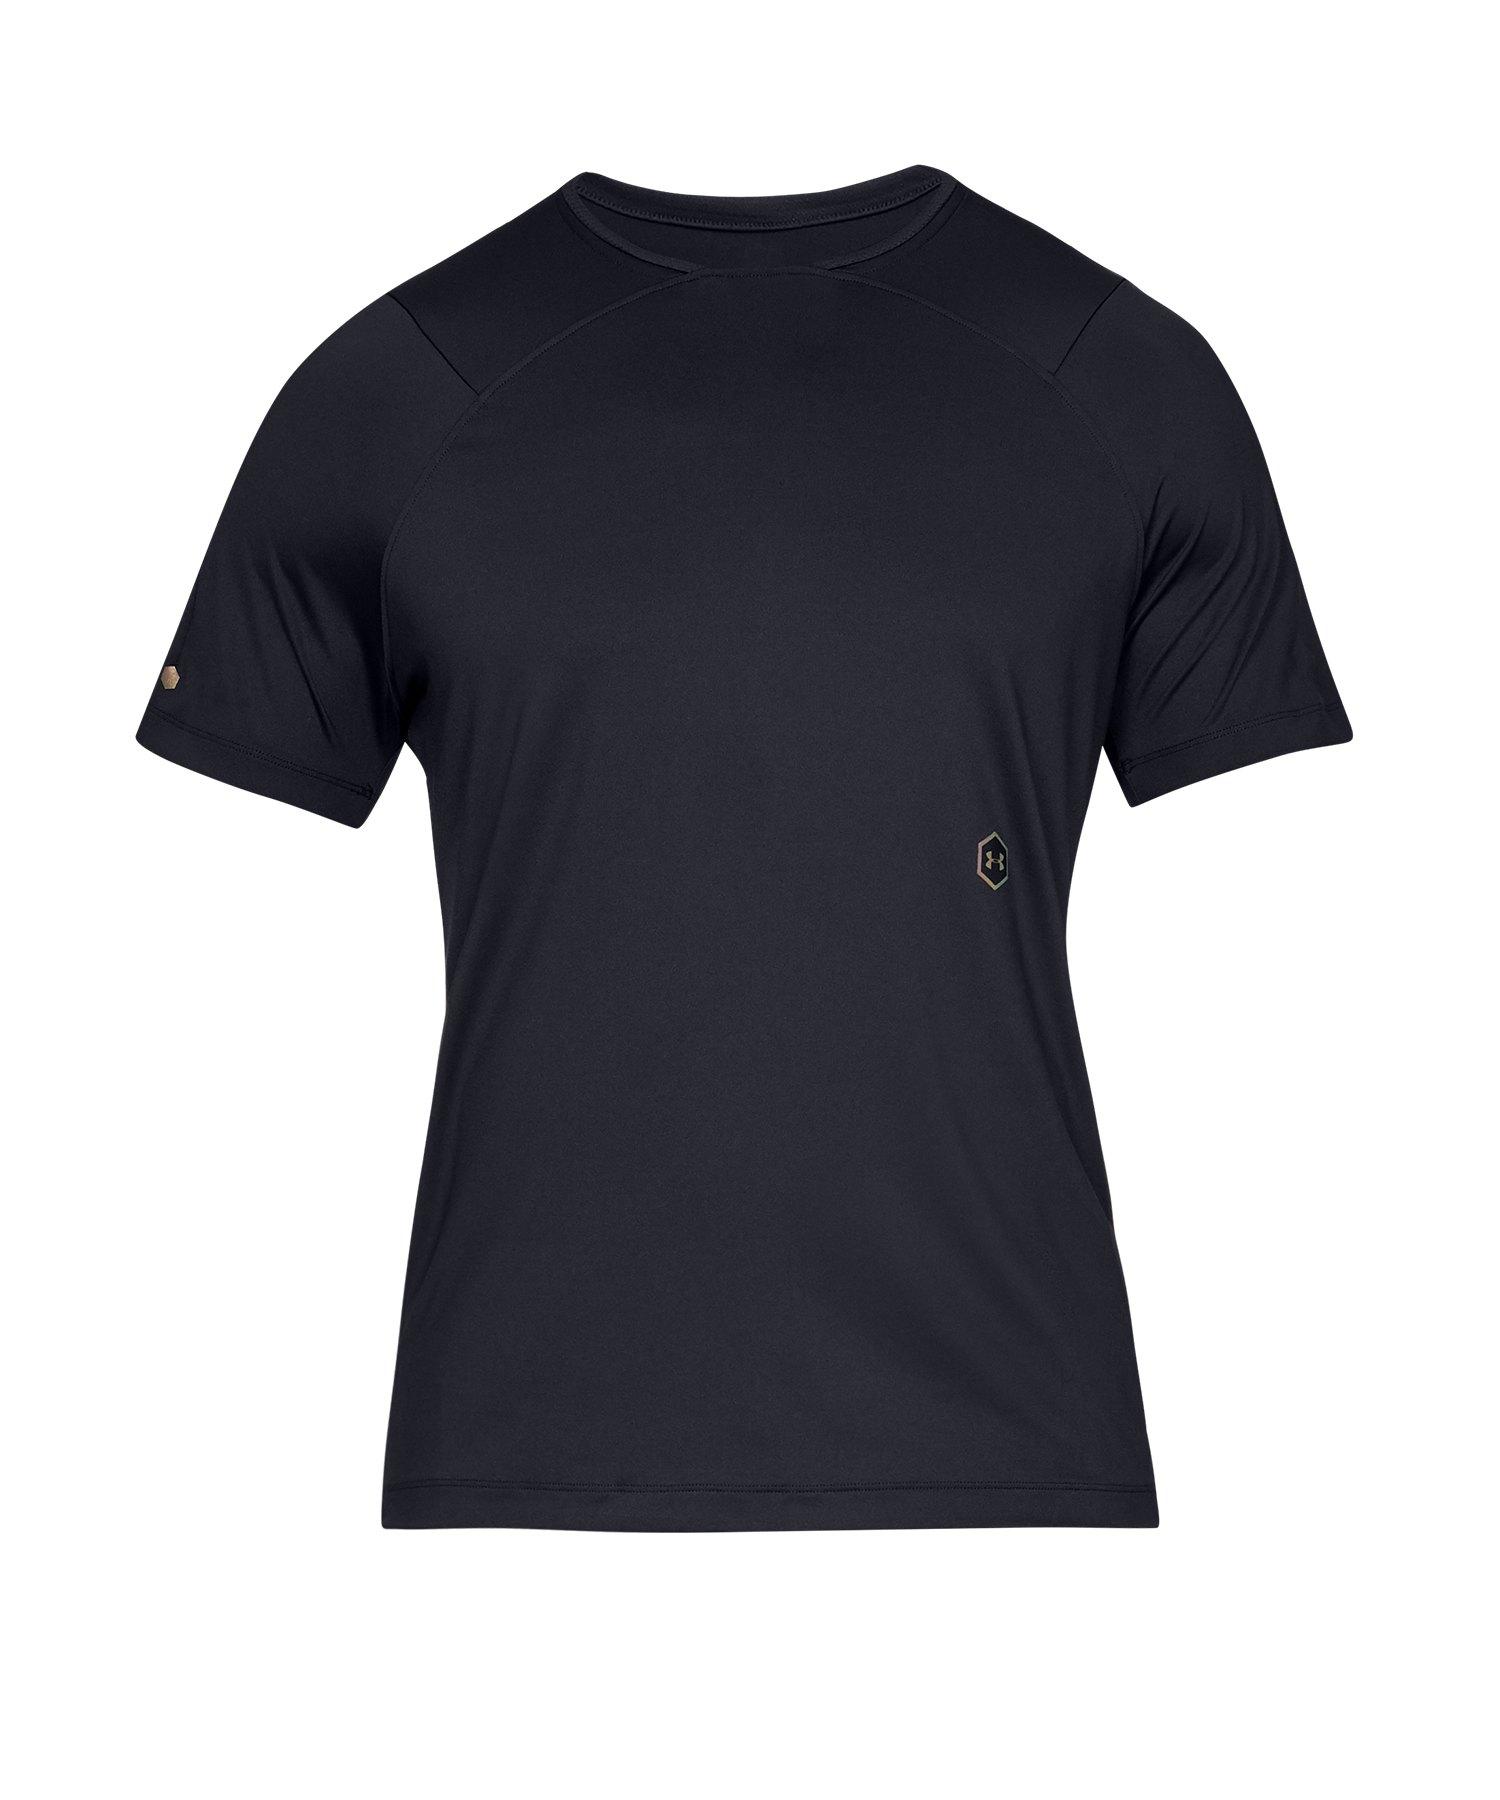 Under Armour Rush SS T-Shirt F001 - Schwarz